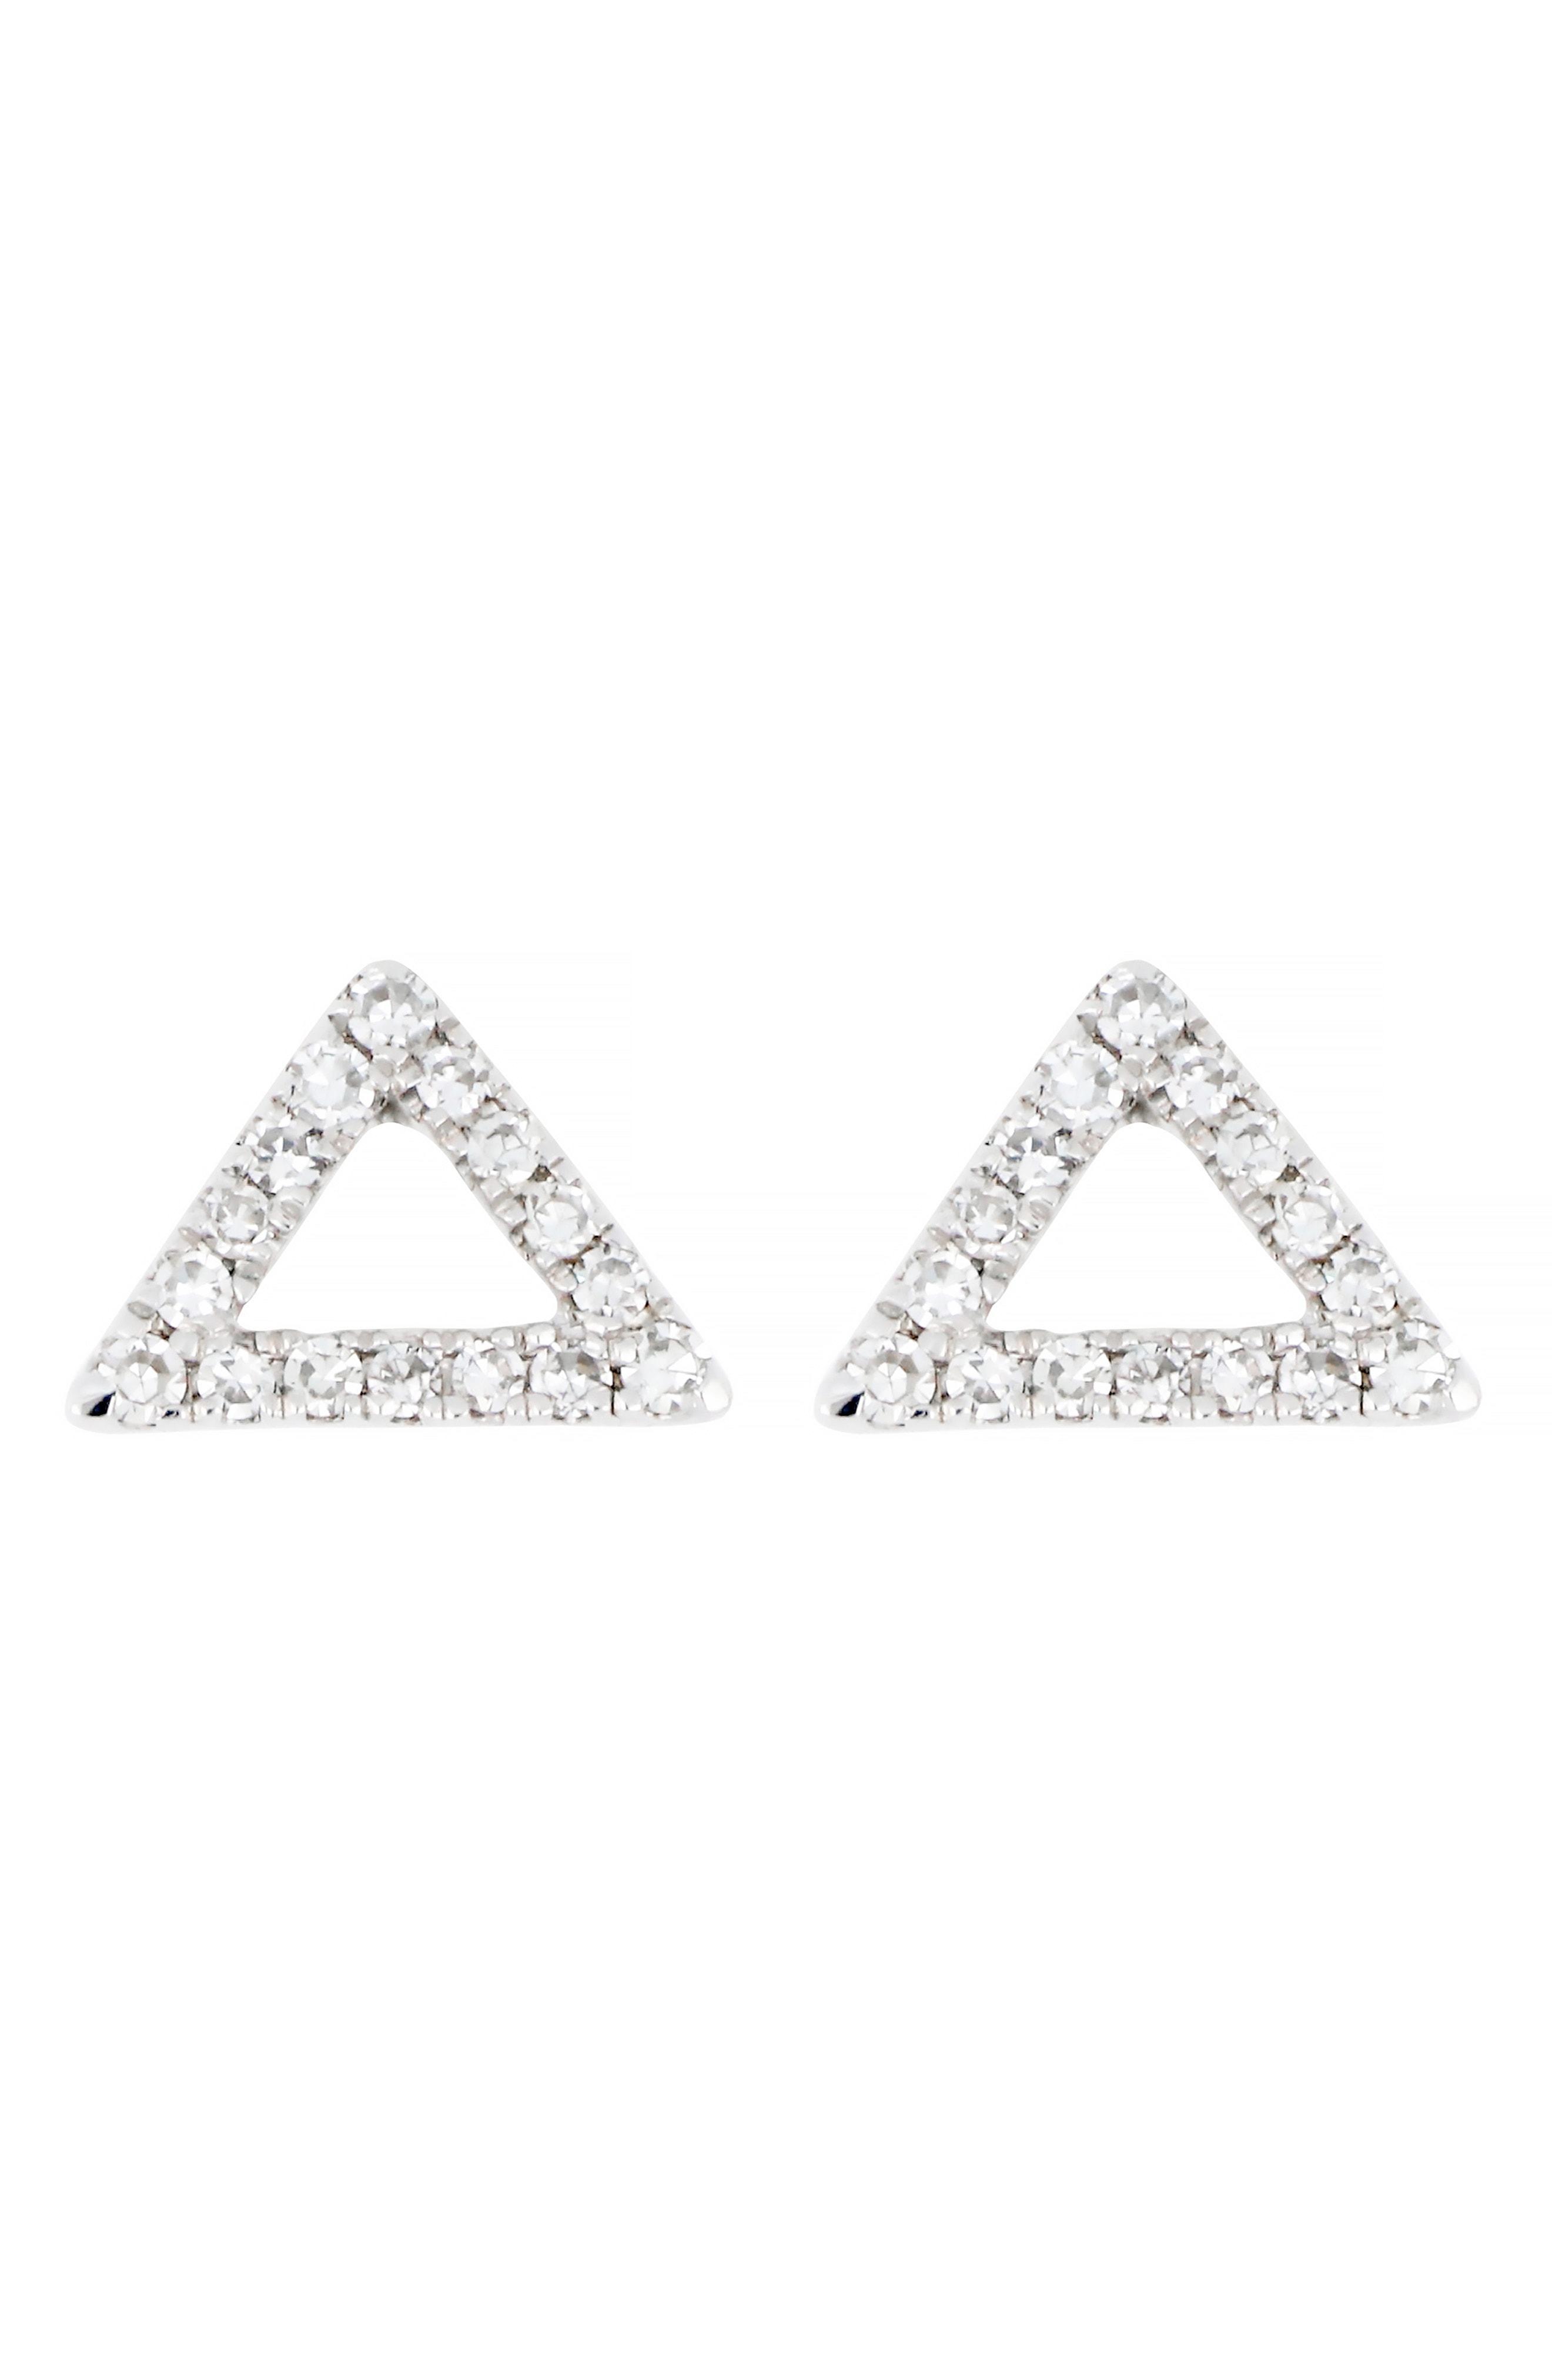 cd85a7bd4 CARRIERE JEWELRY. Women's Metallic Carriere Diamond Open Triangle Stud  Earrings ...